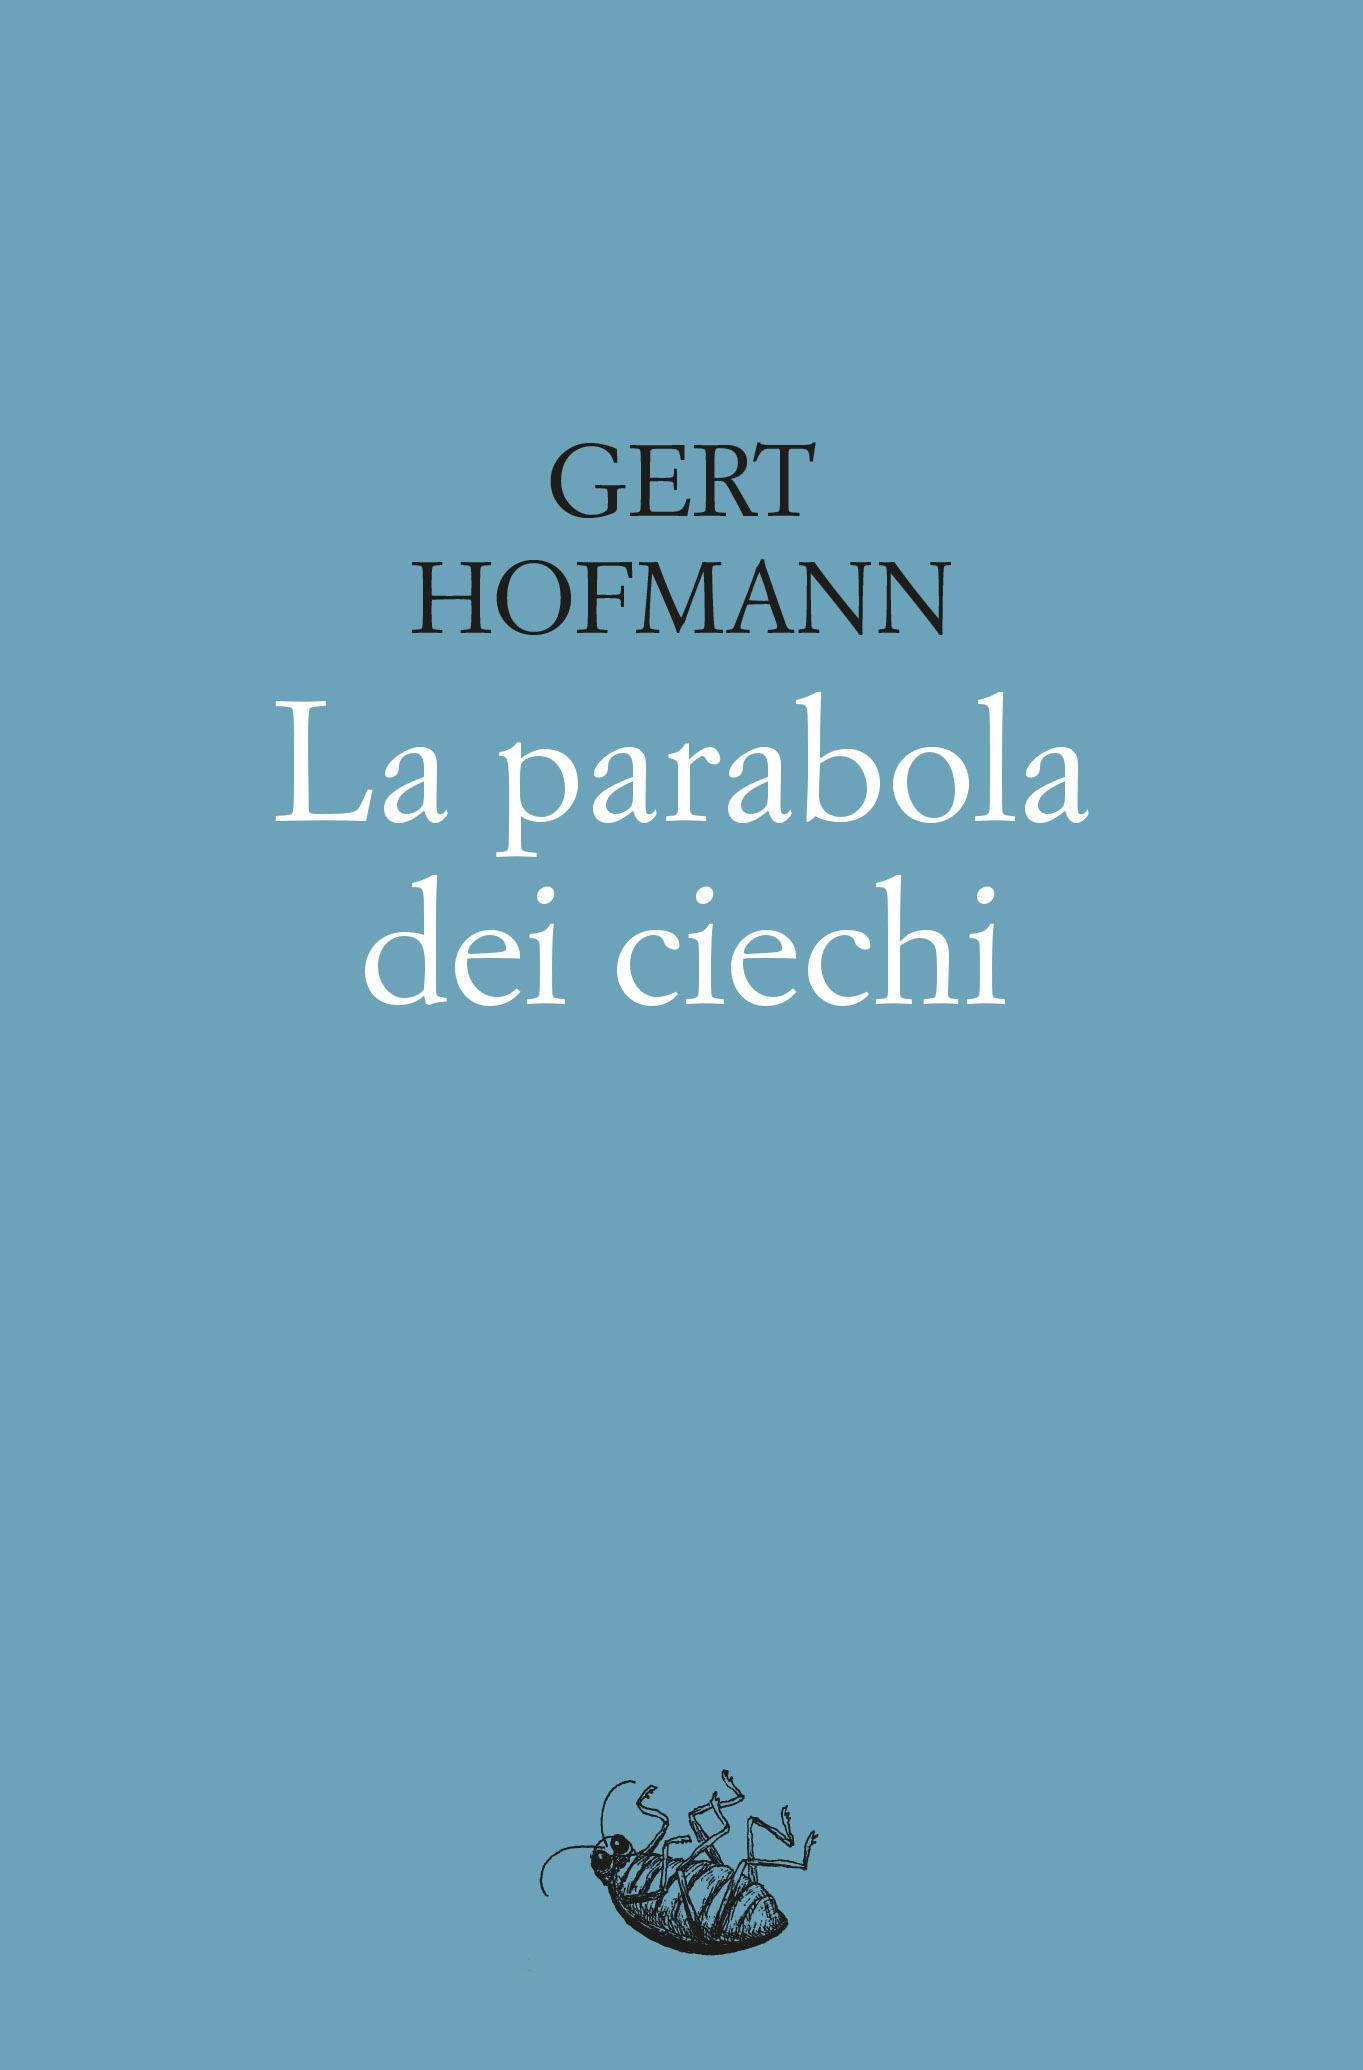 La parabola dei ciechi - Racconti Edizioni